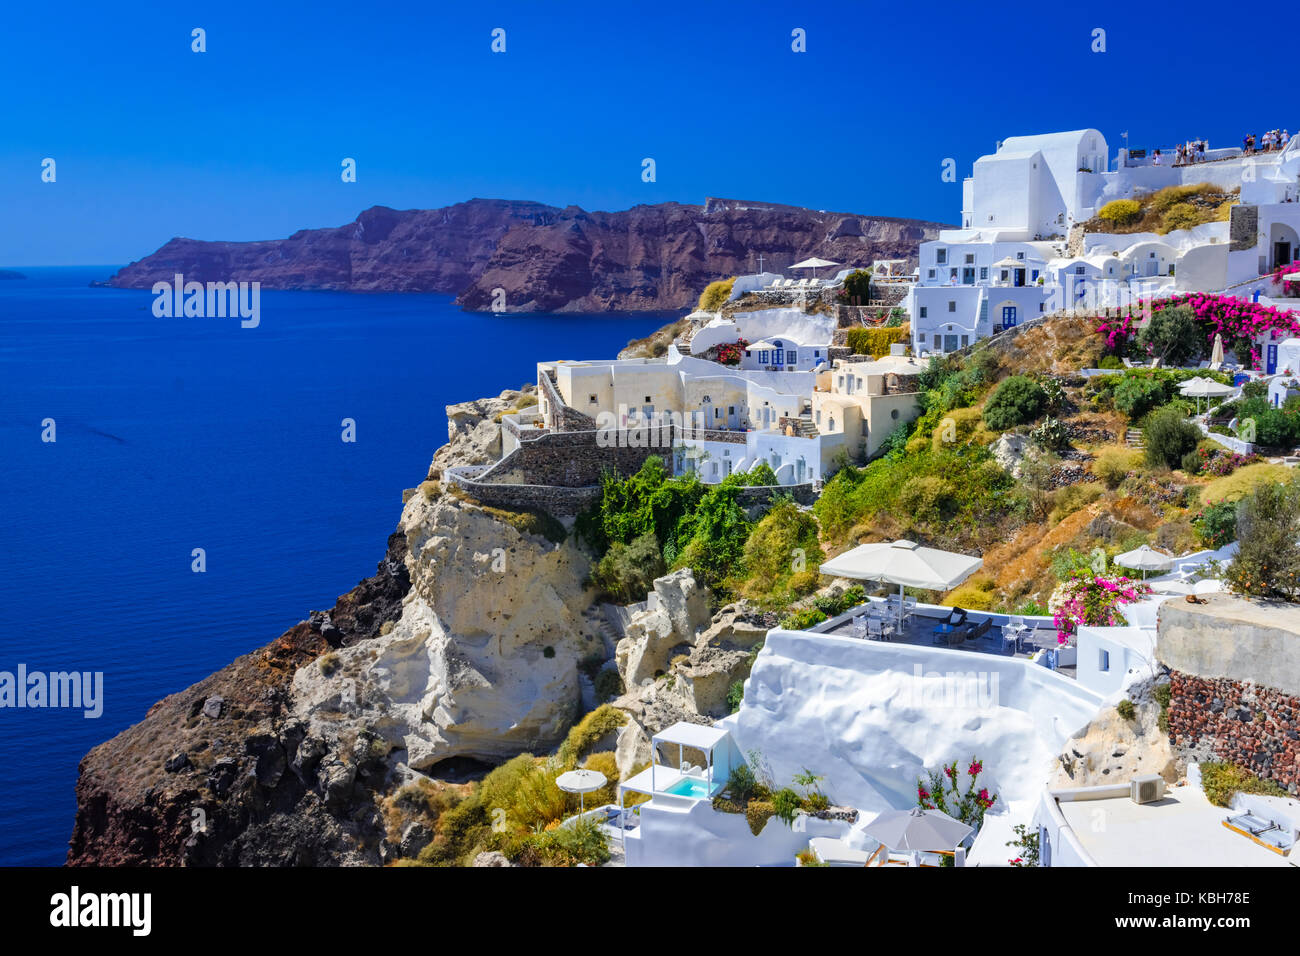 Stadt Oia, Santorini, Griechenland. Traditionelle und berühmte weisse Häuser und Kirchen mit blauen Kuppeln Stockbild